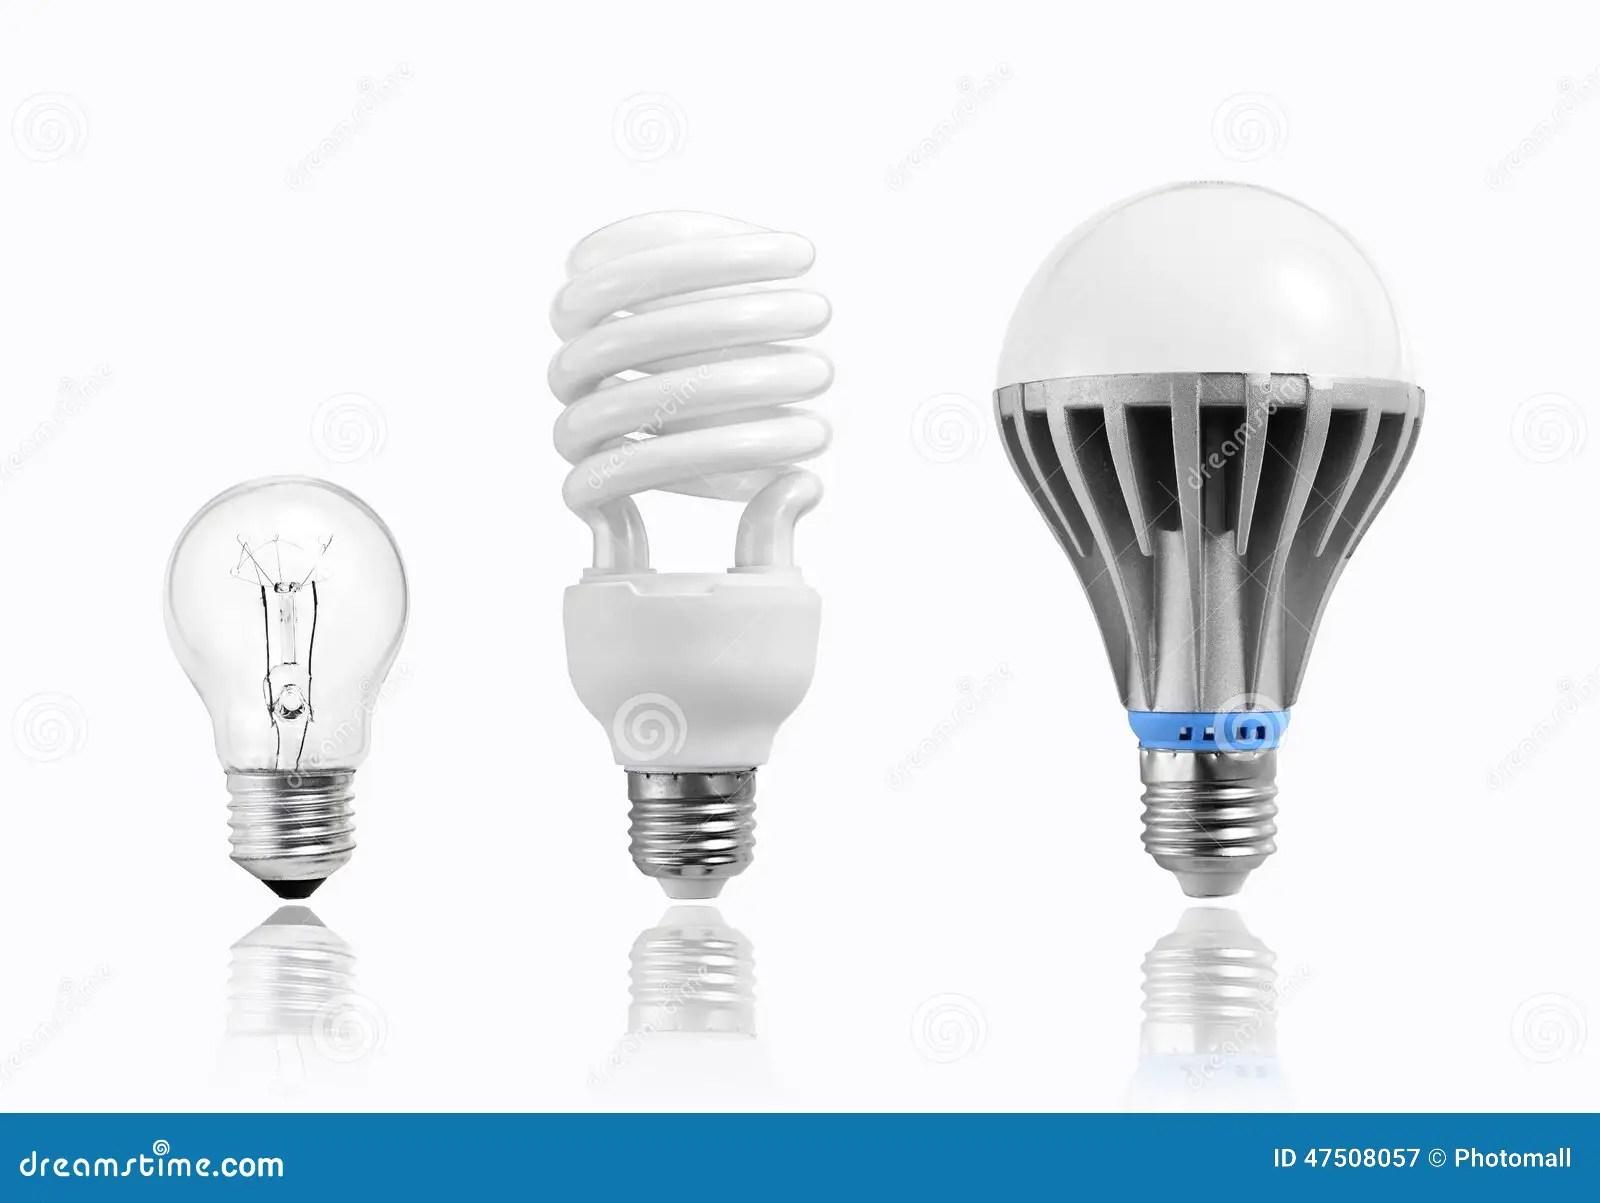 Energy Saving Lightingled Lampled LightLED Bulb